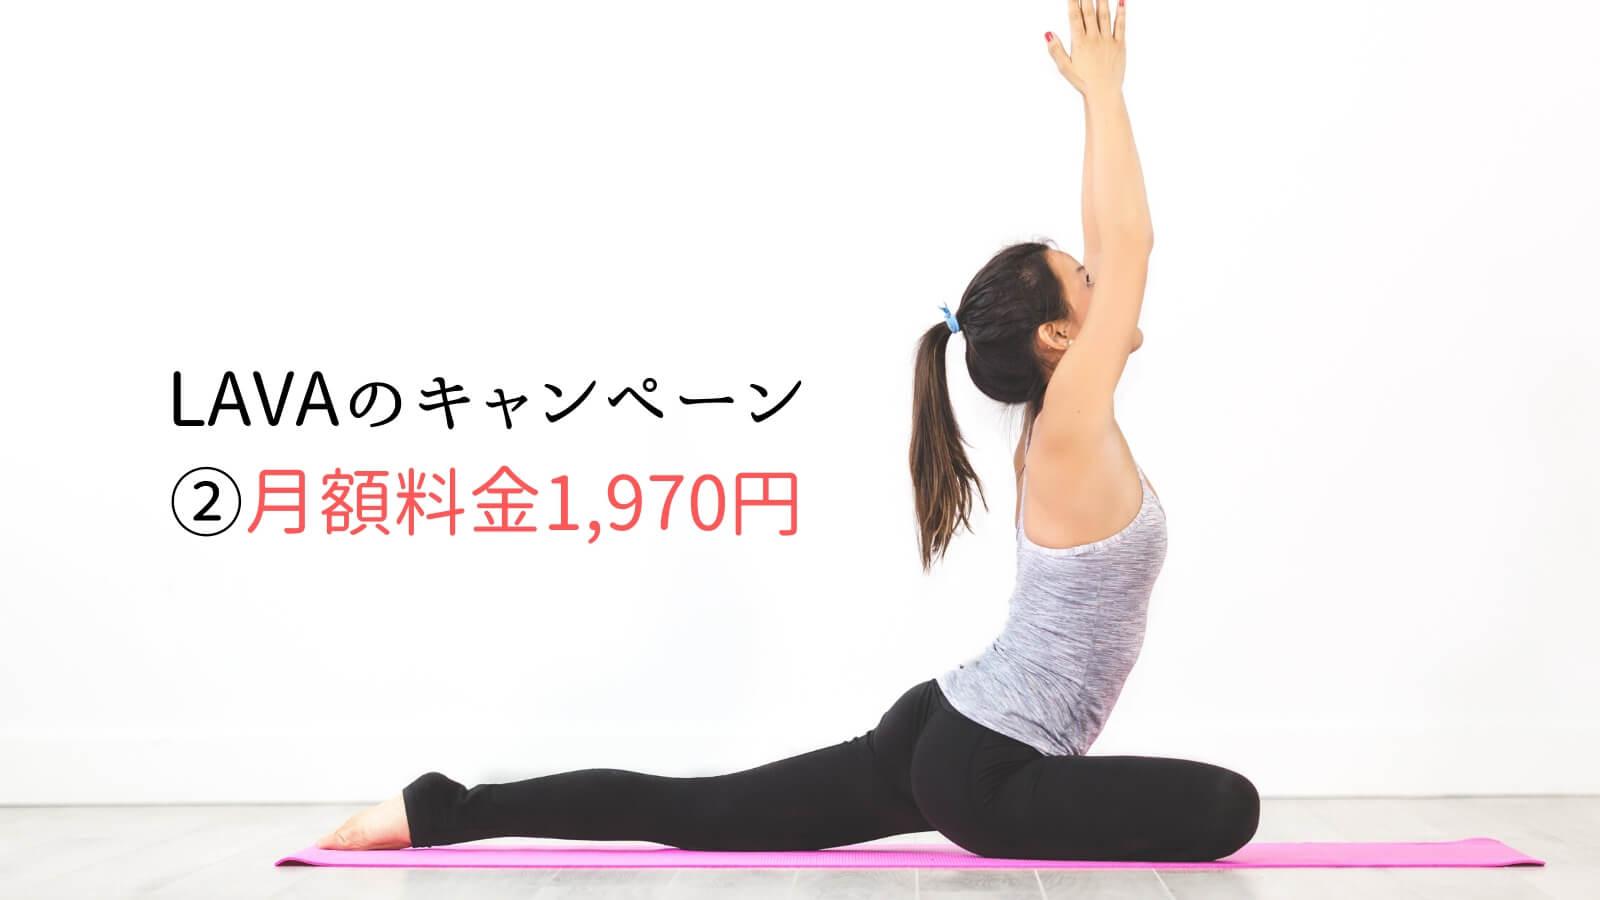 LAVA(ラバ)のキャンペーン②月額料金1,970円